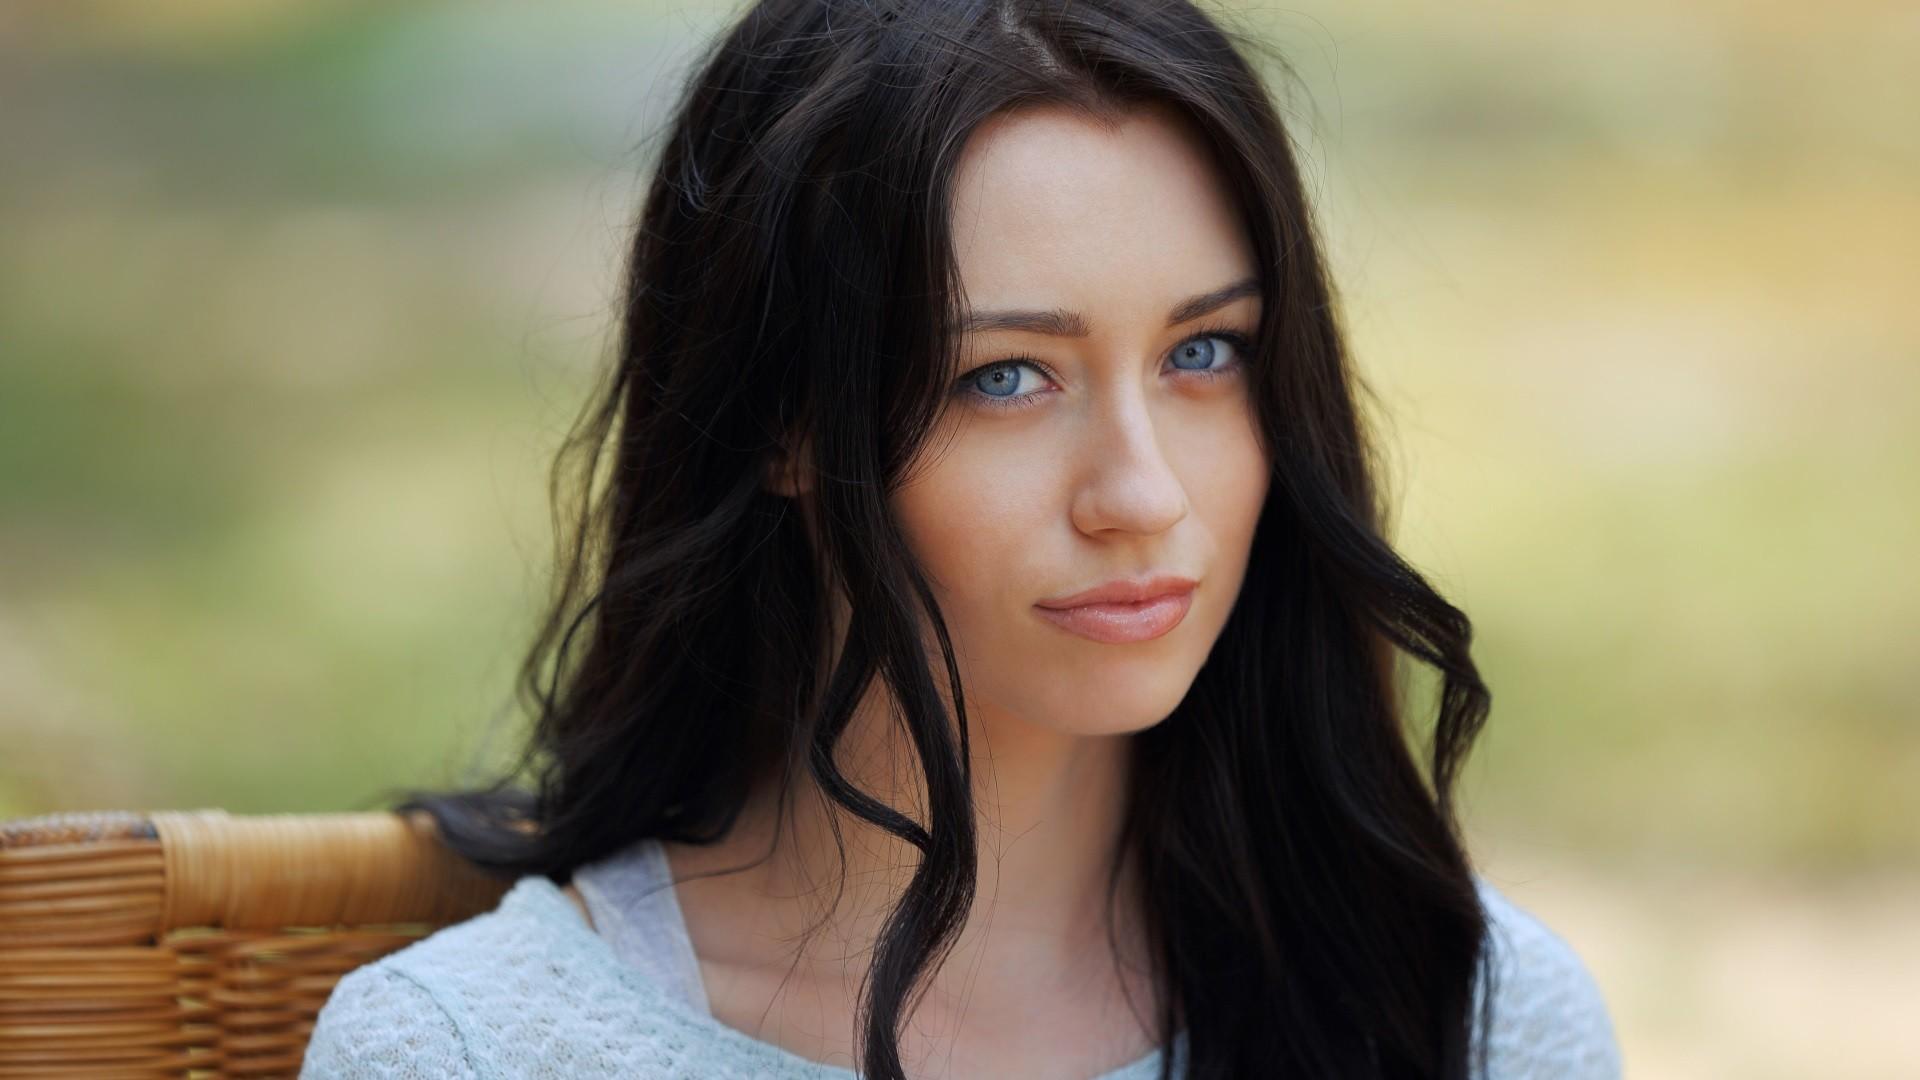 красивые фотографии девушки темноволосая взгляд